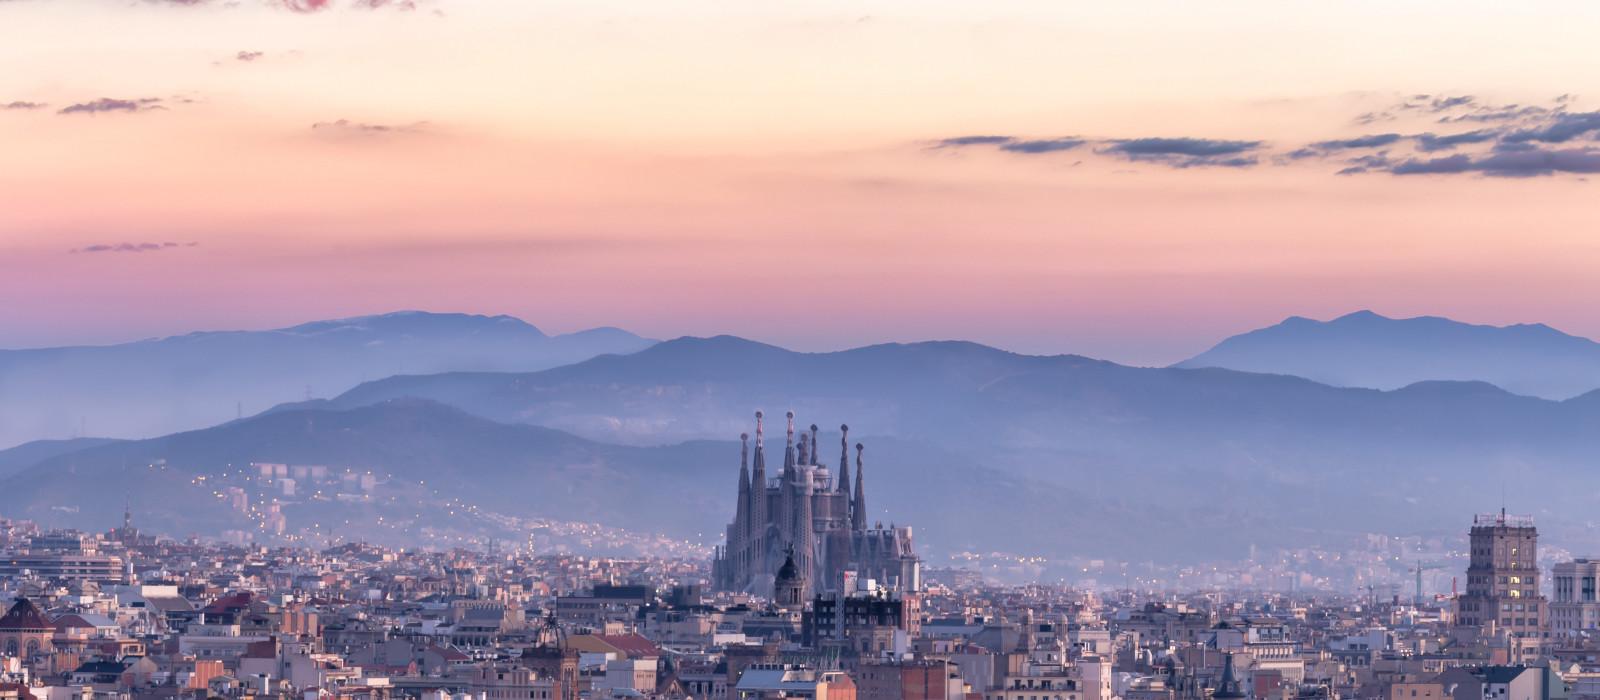 Panorama von Barcelona mit Sagrada Familia, Spanien